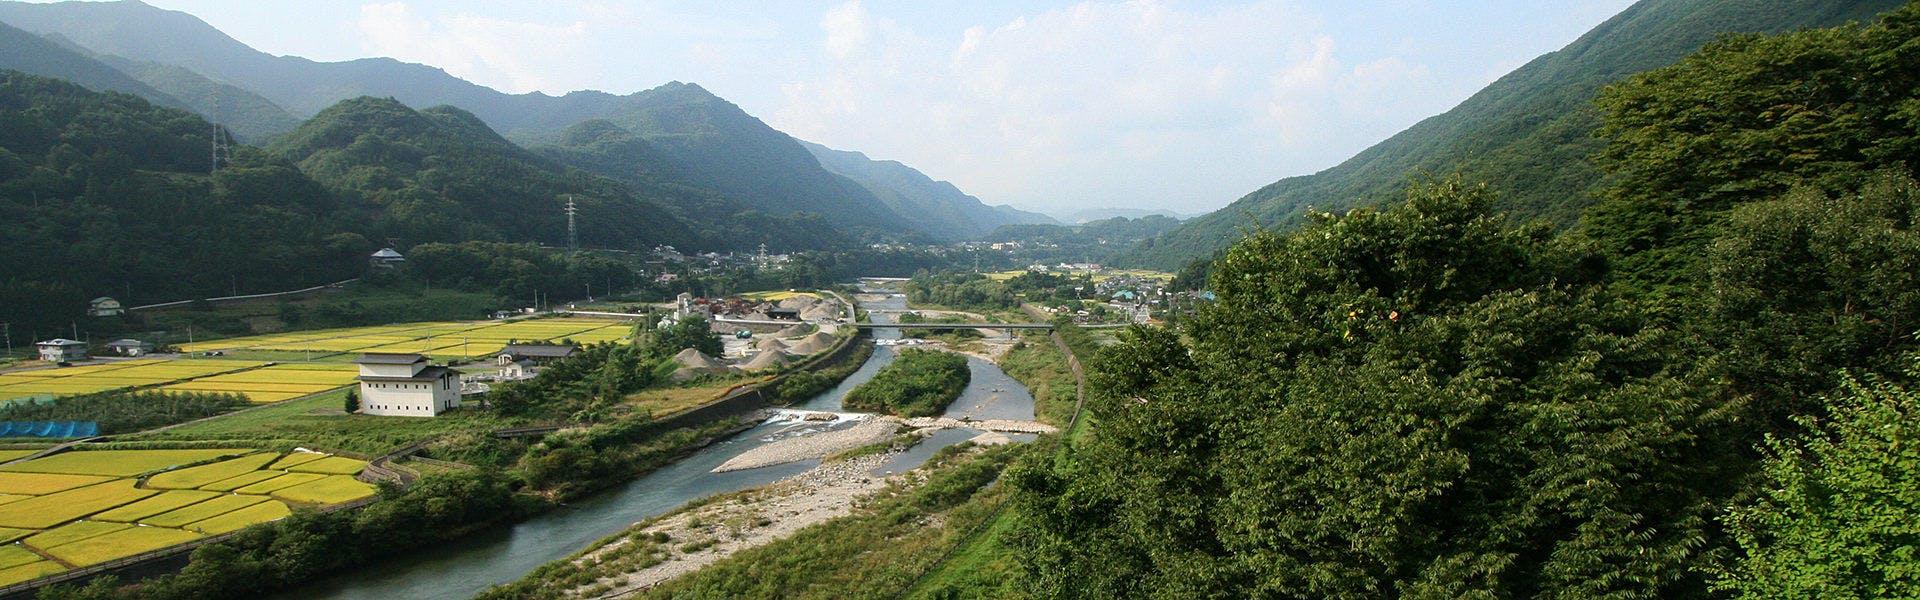 記念日におすすめのホテル・【仙郷】の写真3